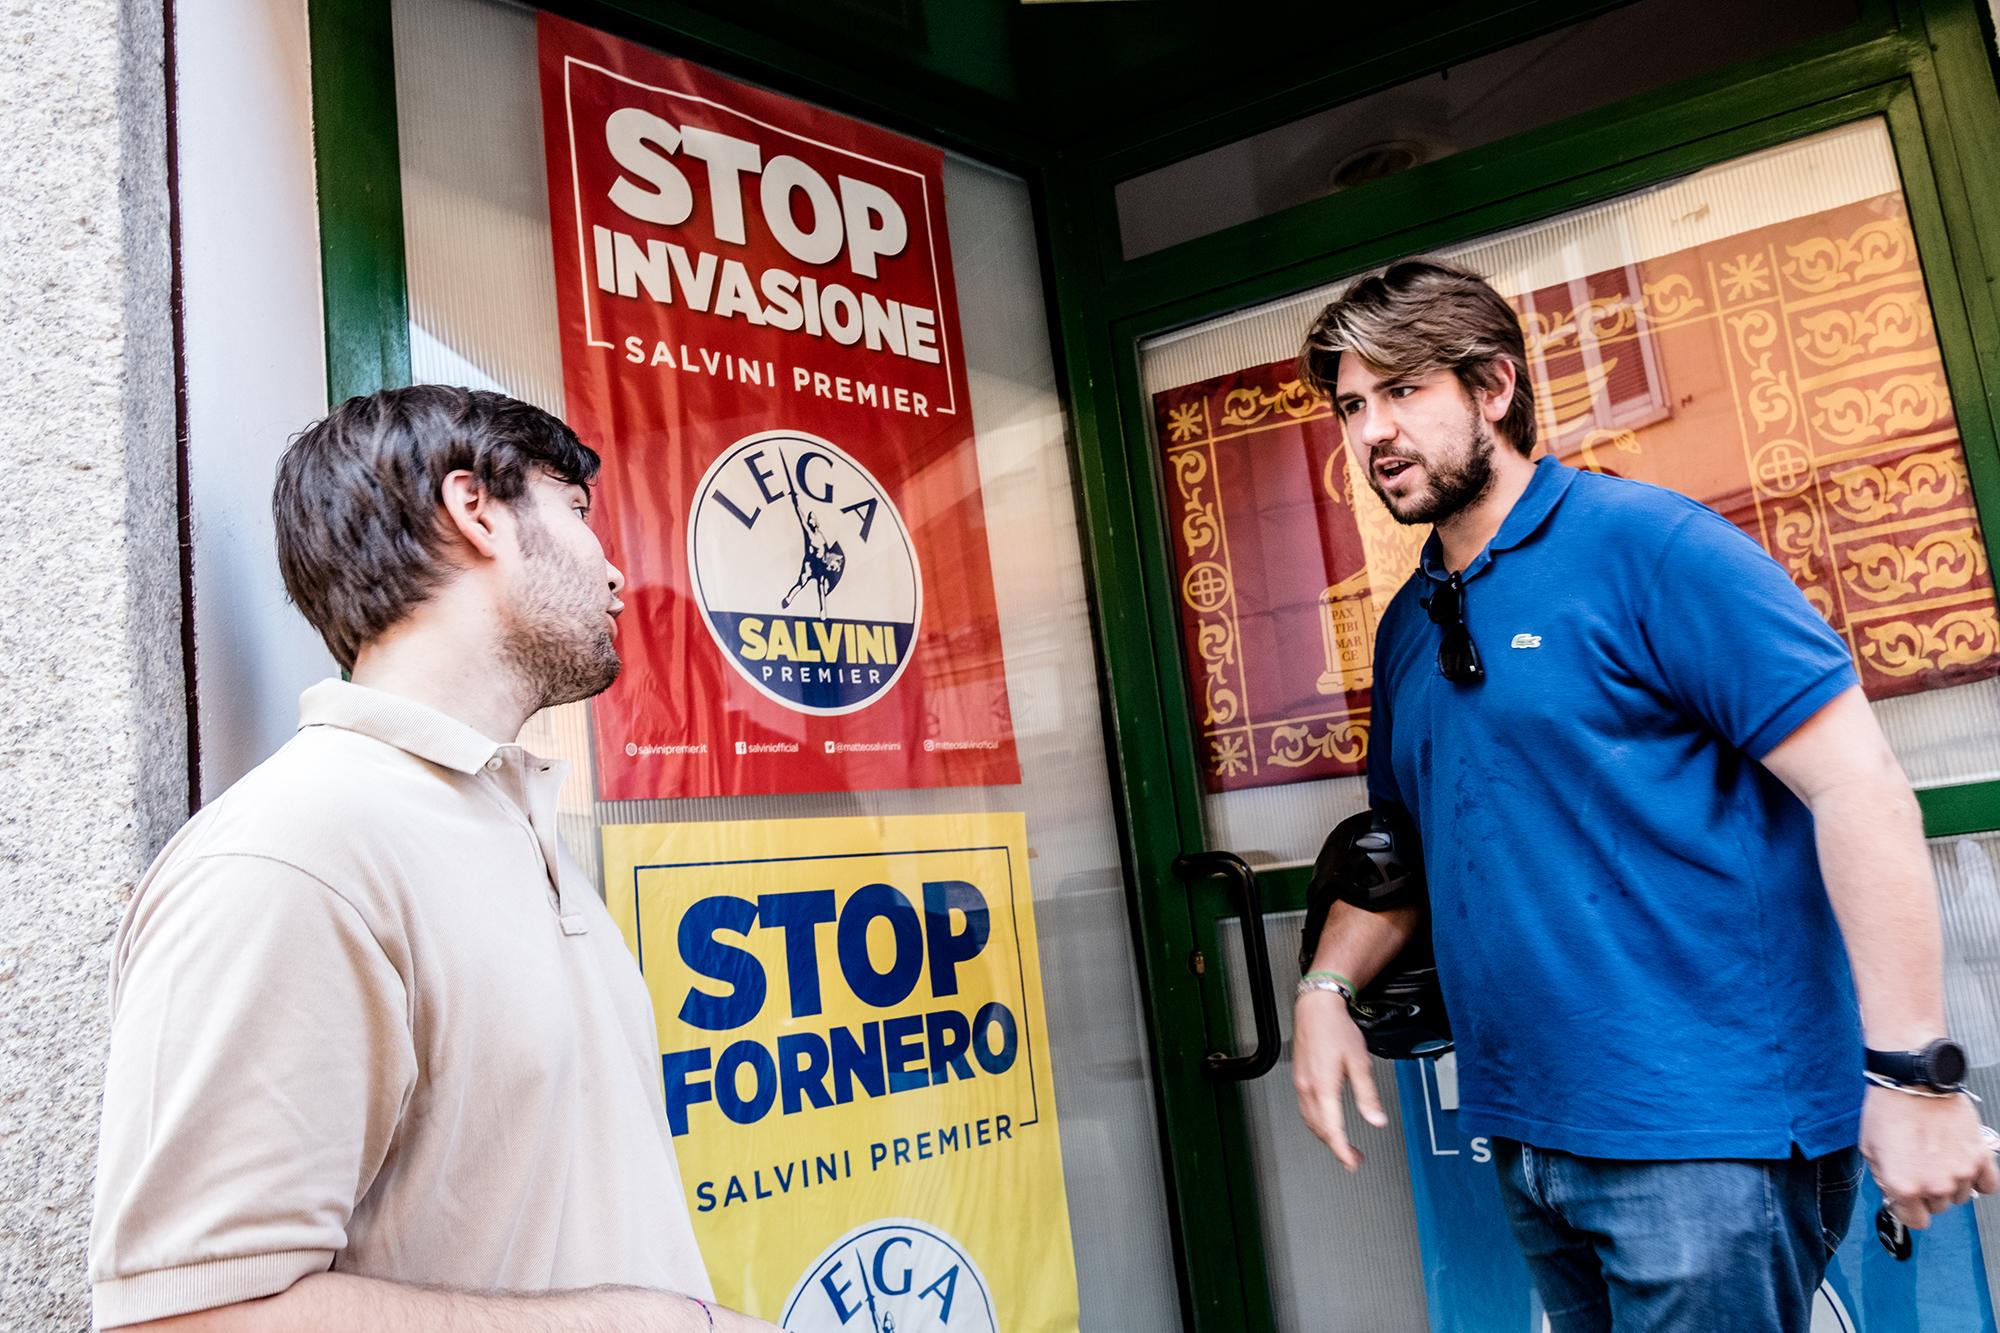 Fabio Marchiori ja Federico Martegani Liiton paikallistoimiston ovella. Julisteissa vaaditaan  loppua maahanmuuttajien invaasiolle sekä entisen työministerin Elsa Forneron mukaan  nimetylle eläkelaille.